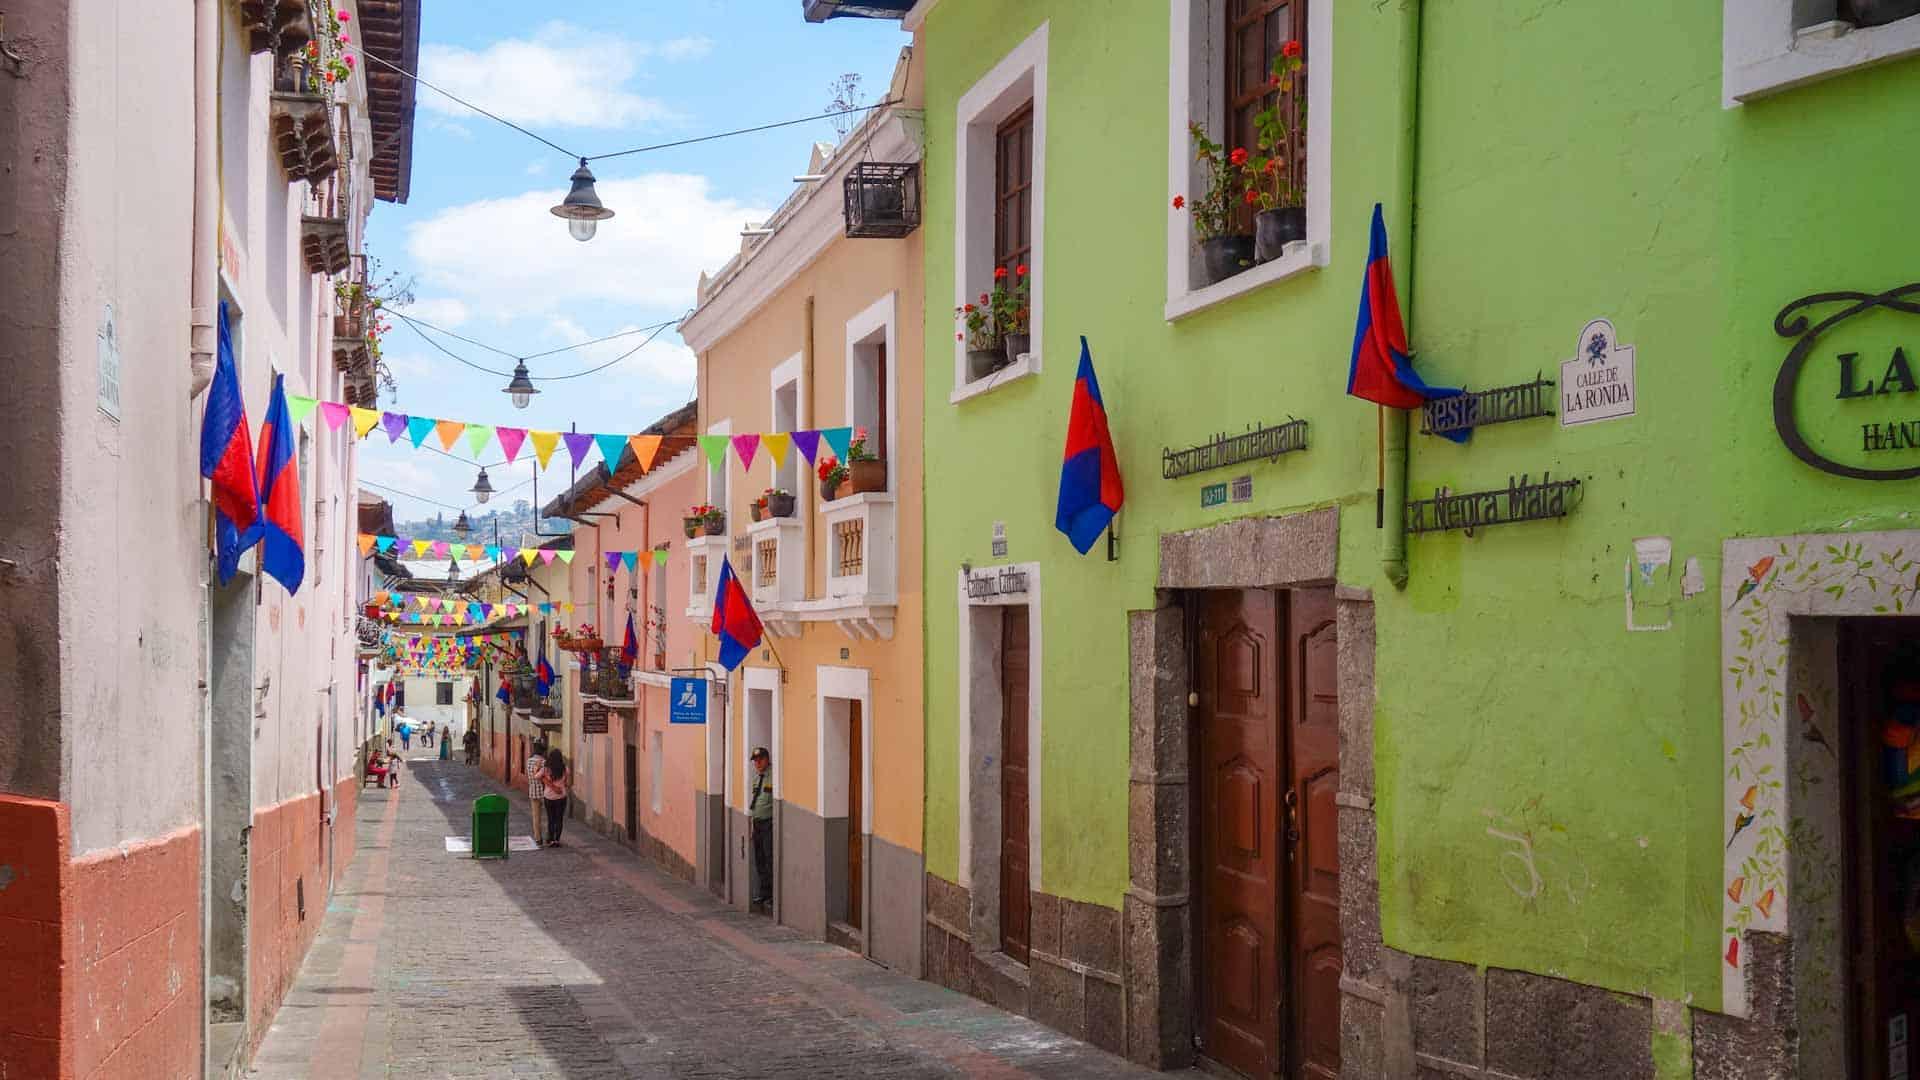 Street in La Ronda, Quito